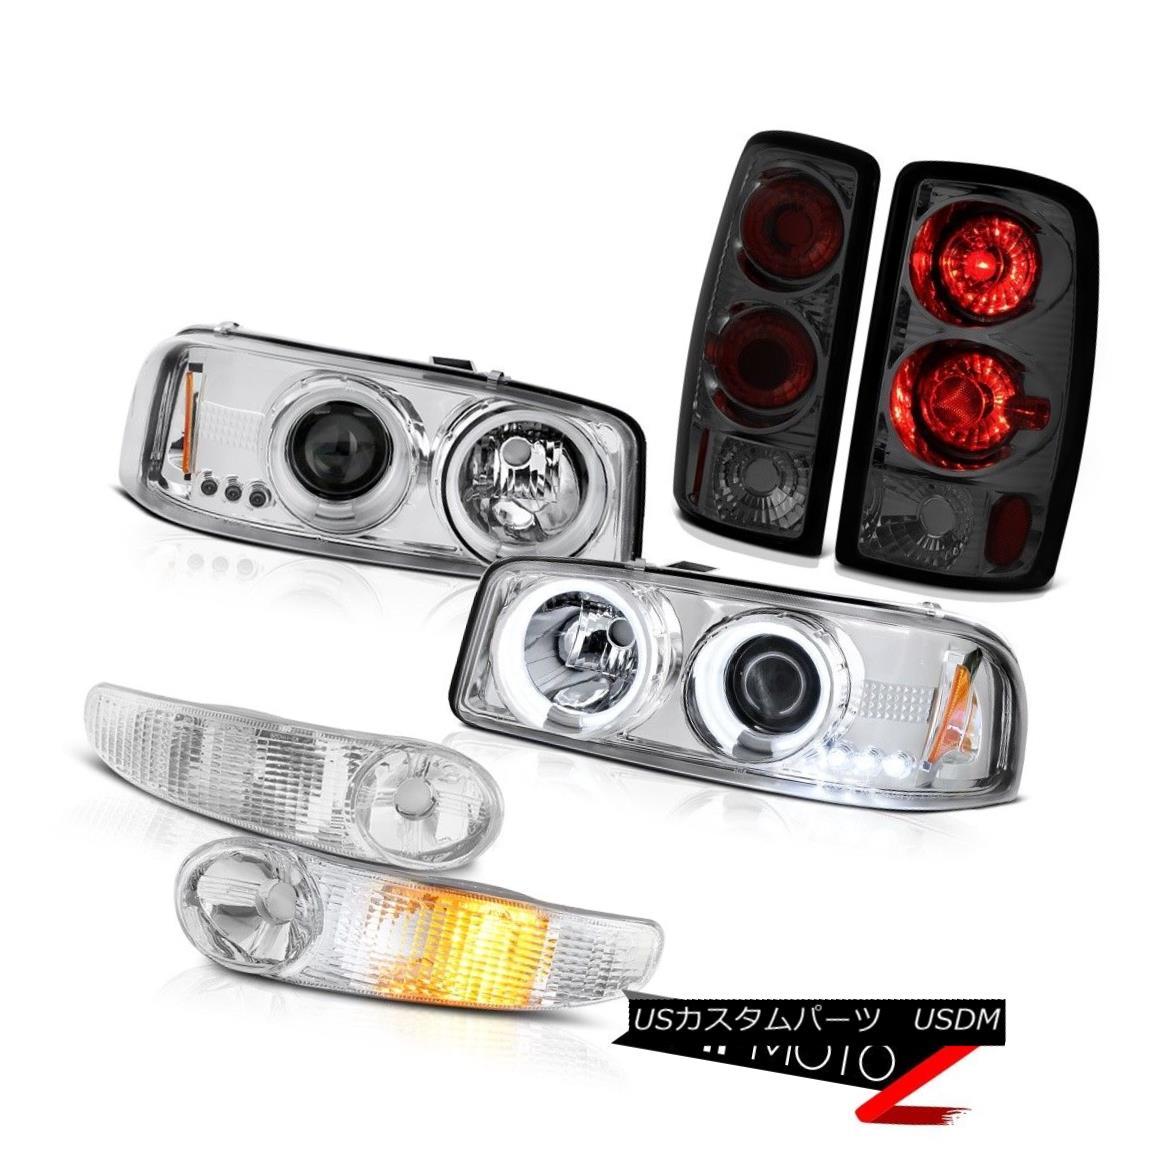 ヘッドライト 00-06 Yukon CCFL Halo Angel Eye Headlamp Signal Bumper Taillight Rear Brake Lamp 00-06ユーコンCCFLハローエンジェルアイヘッドランプ信号バンパーテールライトリアブレーキランプ